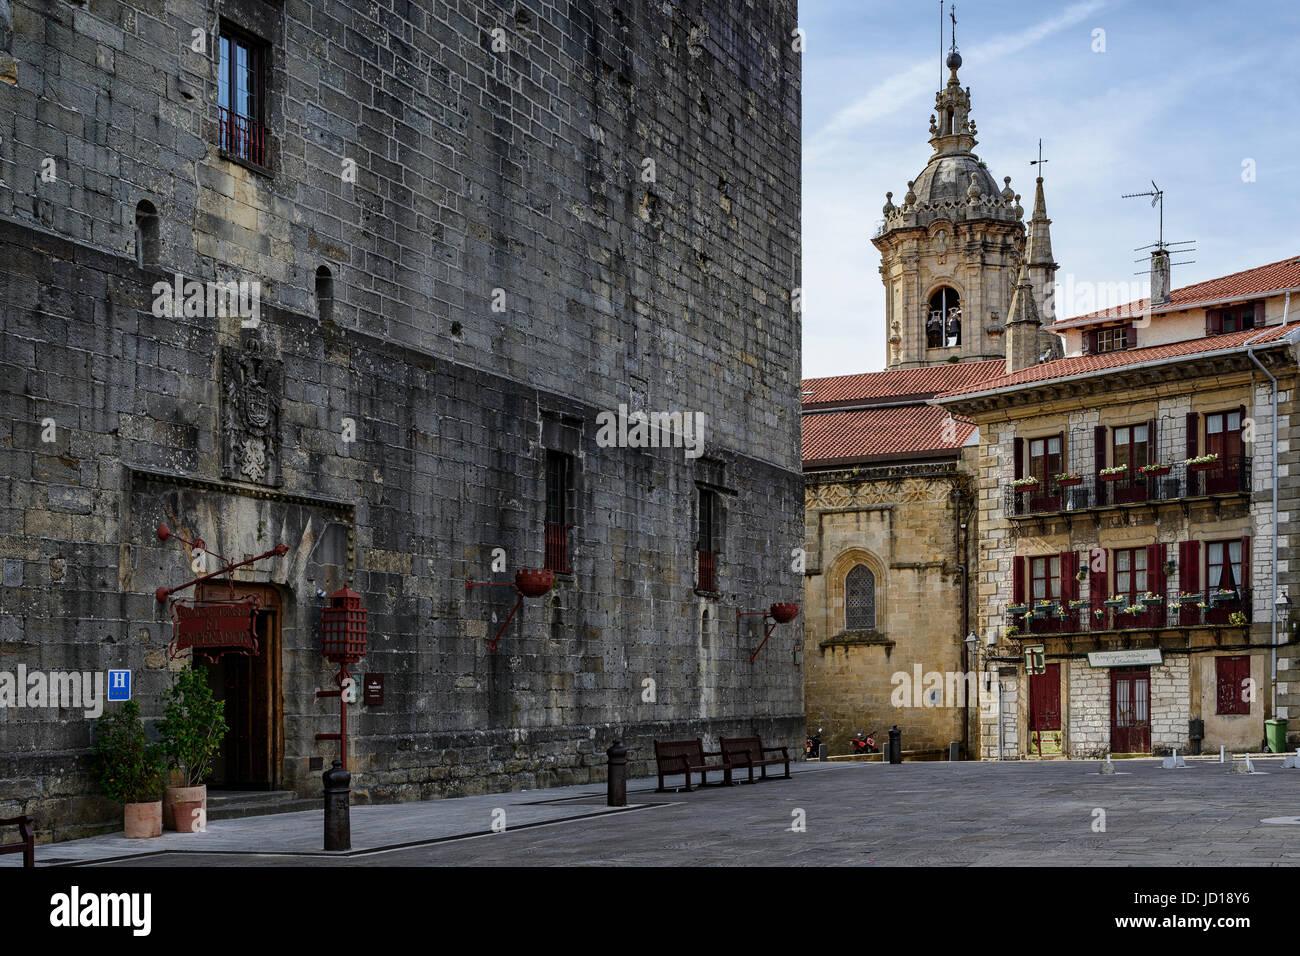 Arma plaza, Nuestra Señora de la Asuncion y del Manzano church and Hotel Carlos V in the center of the town - Stock Image